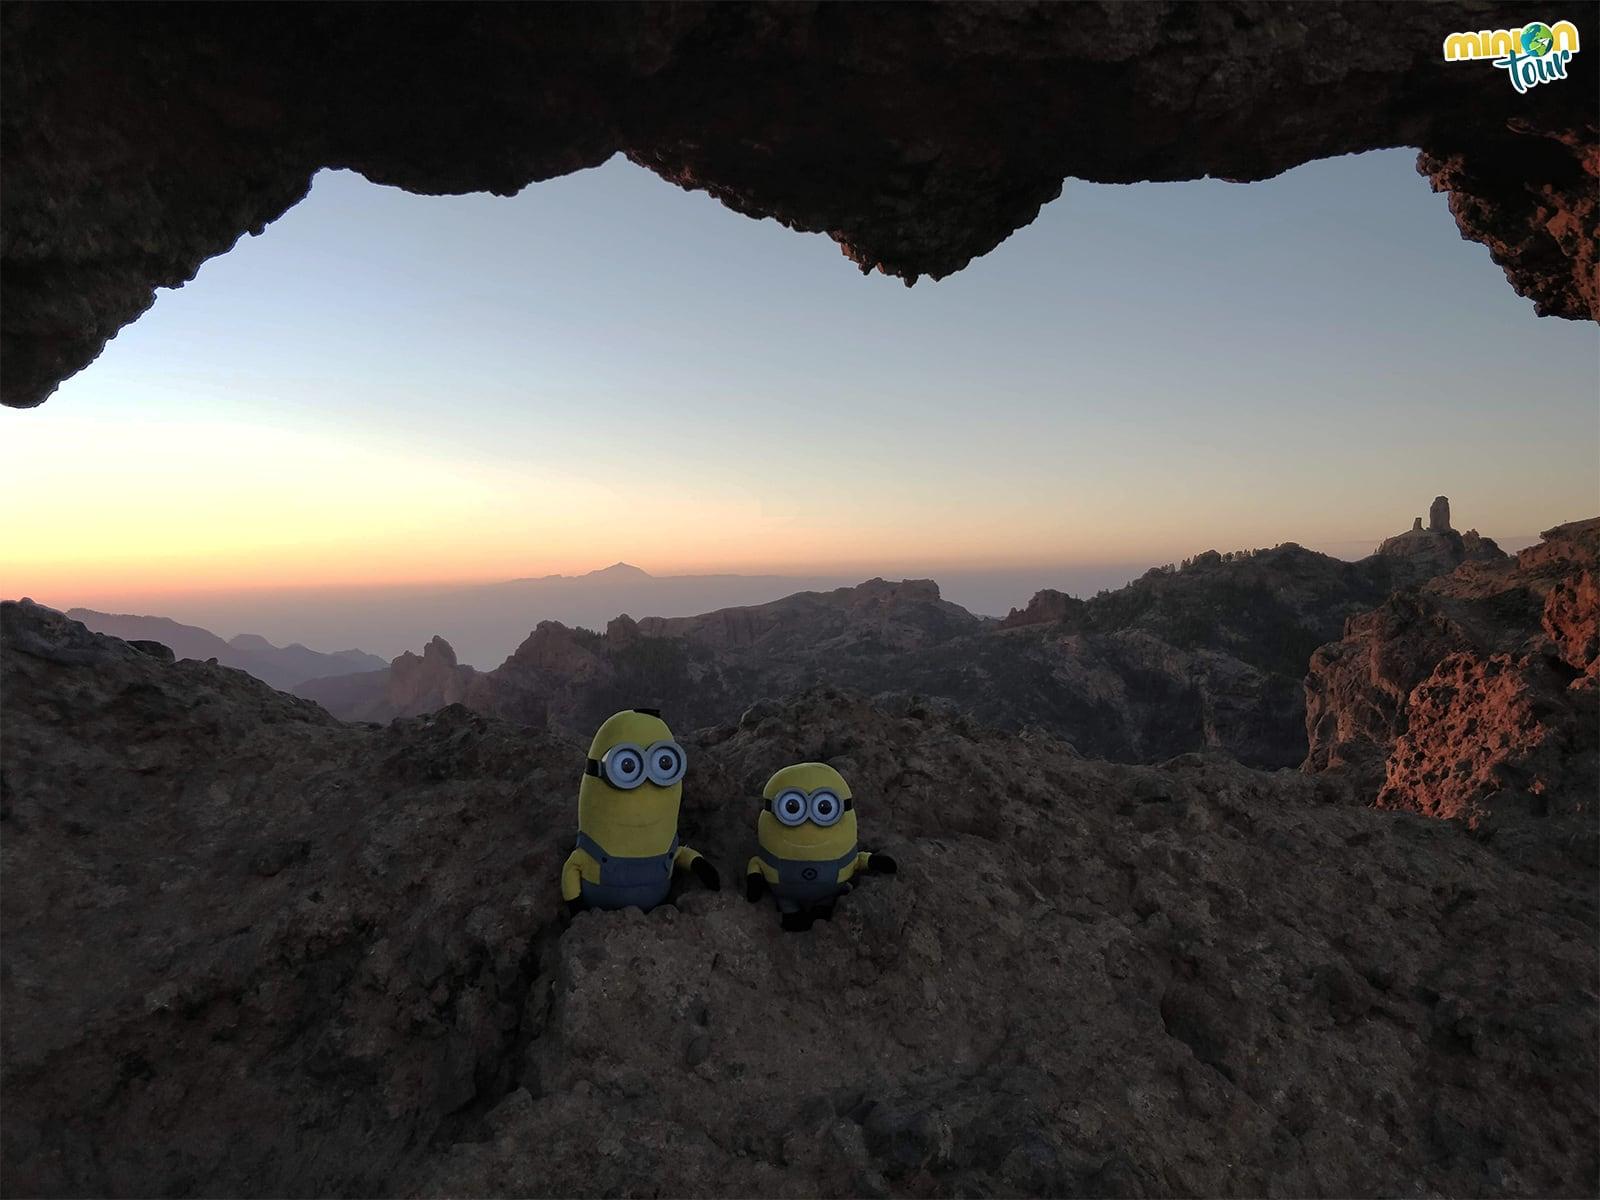 Atardecer en la Ventana del Roque Nublo, una puesta de sol preciosa en Gran Canaria